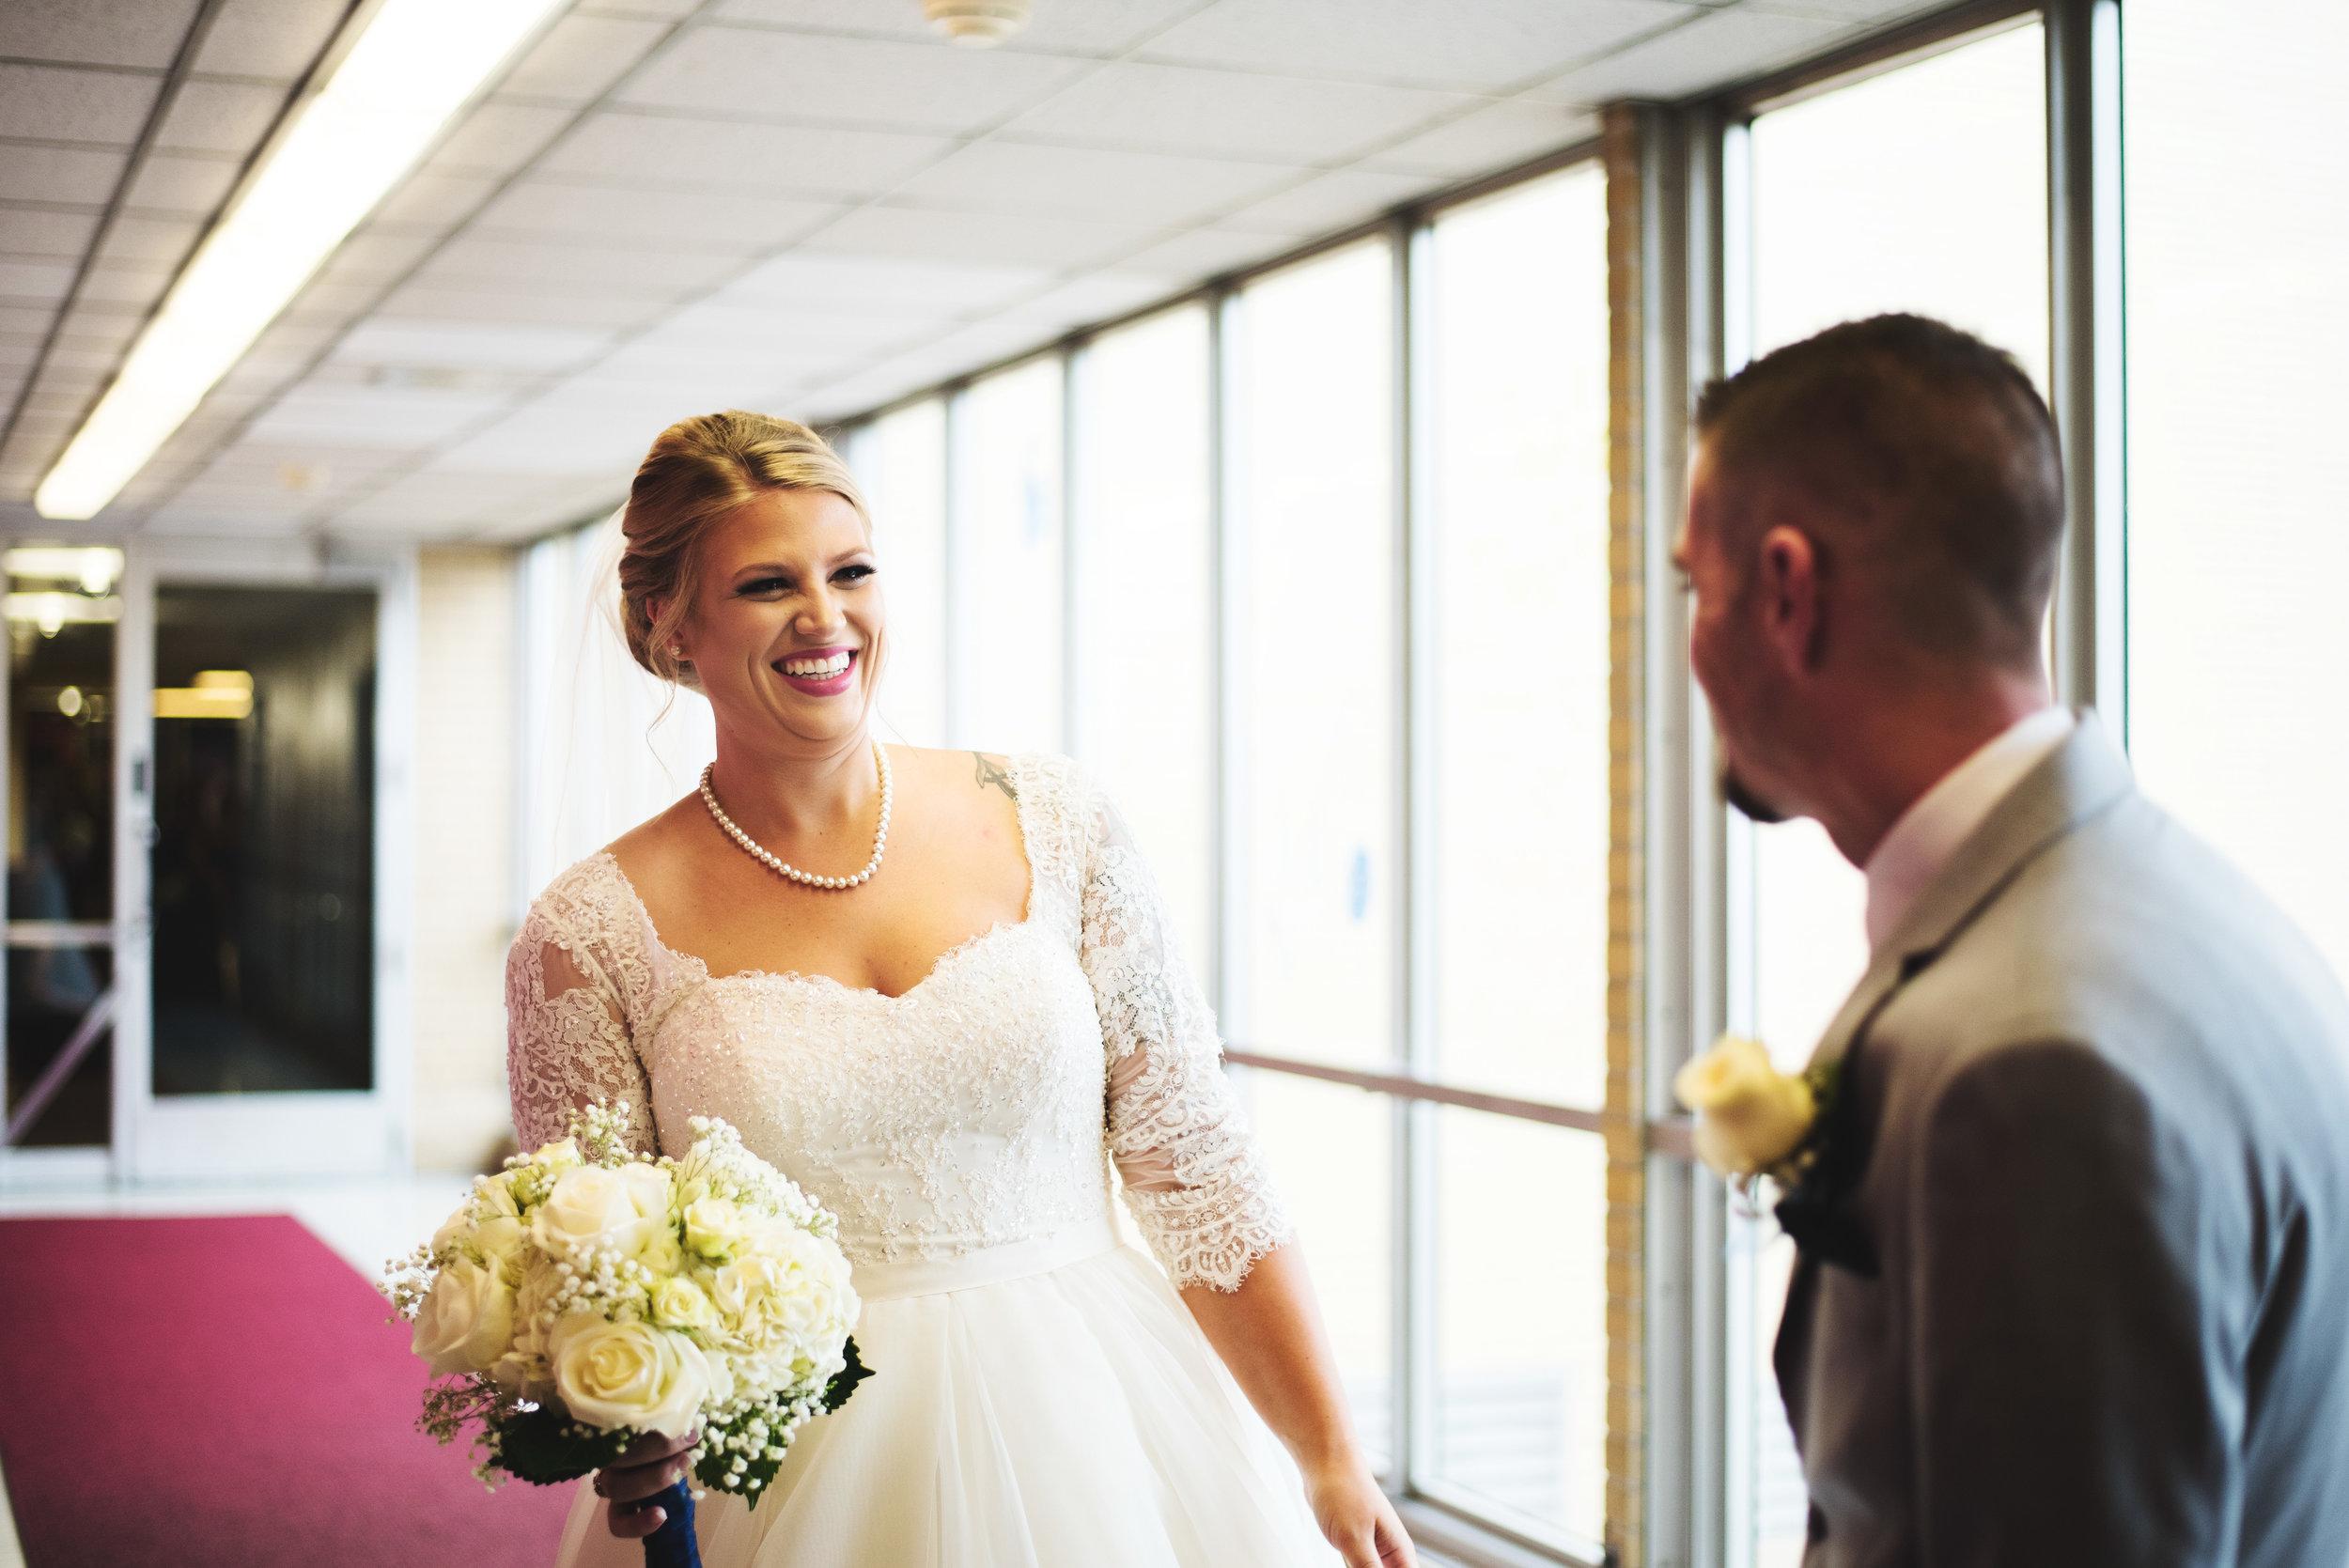 King-Northern-Illinois-University-Wedding030.jpg